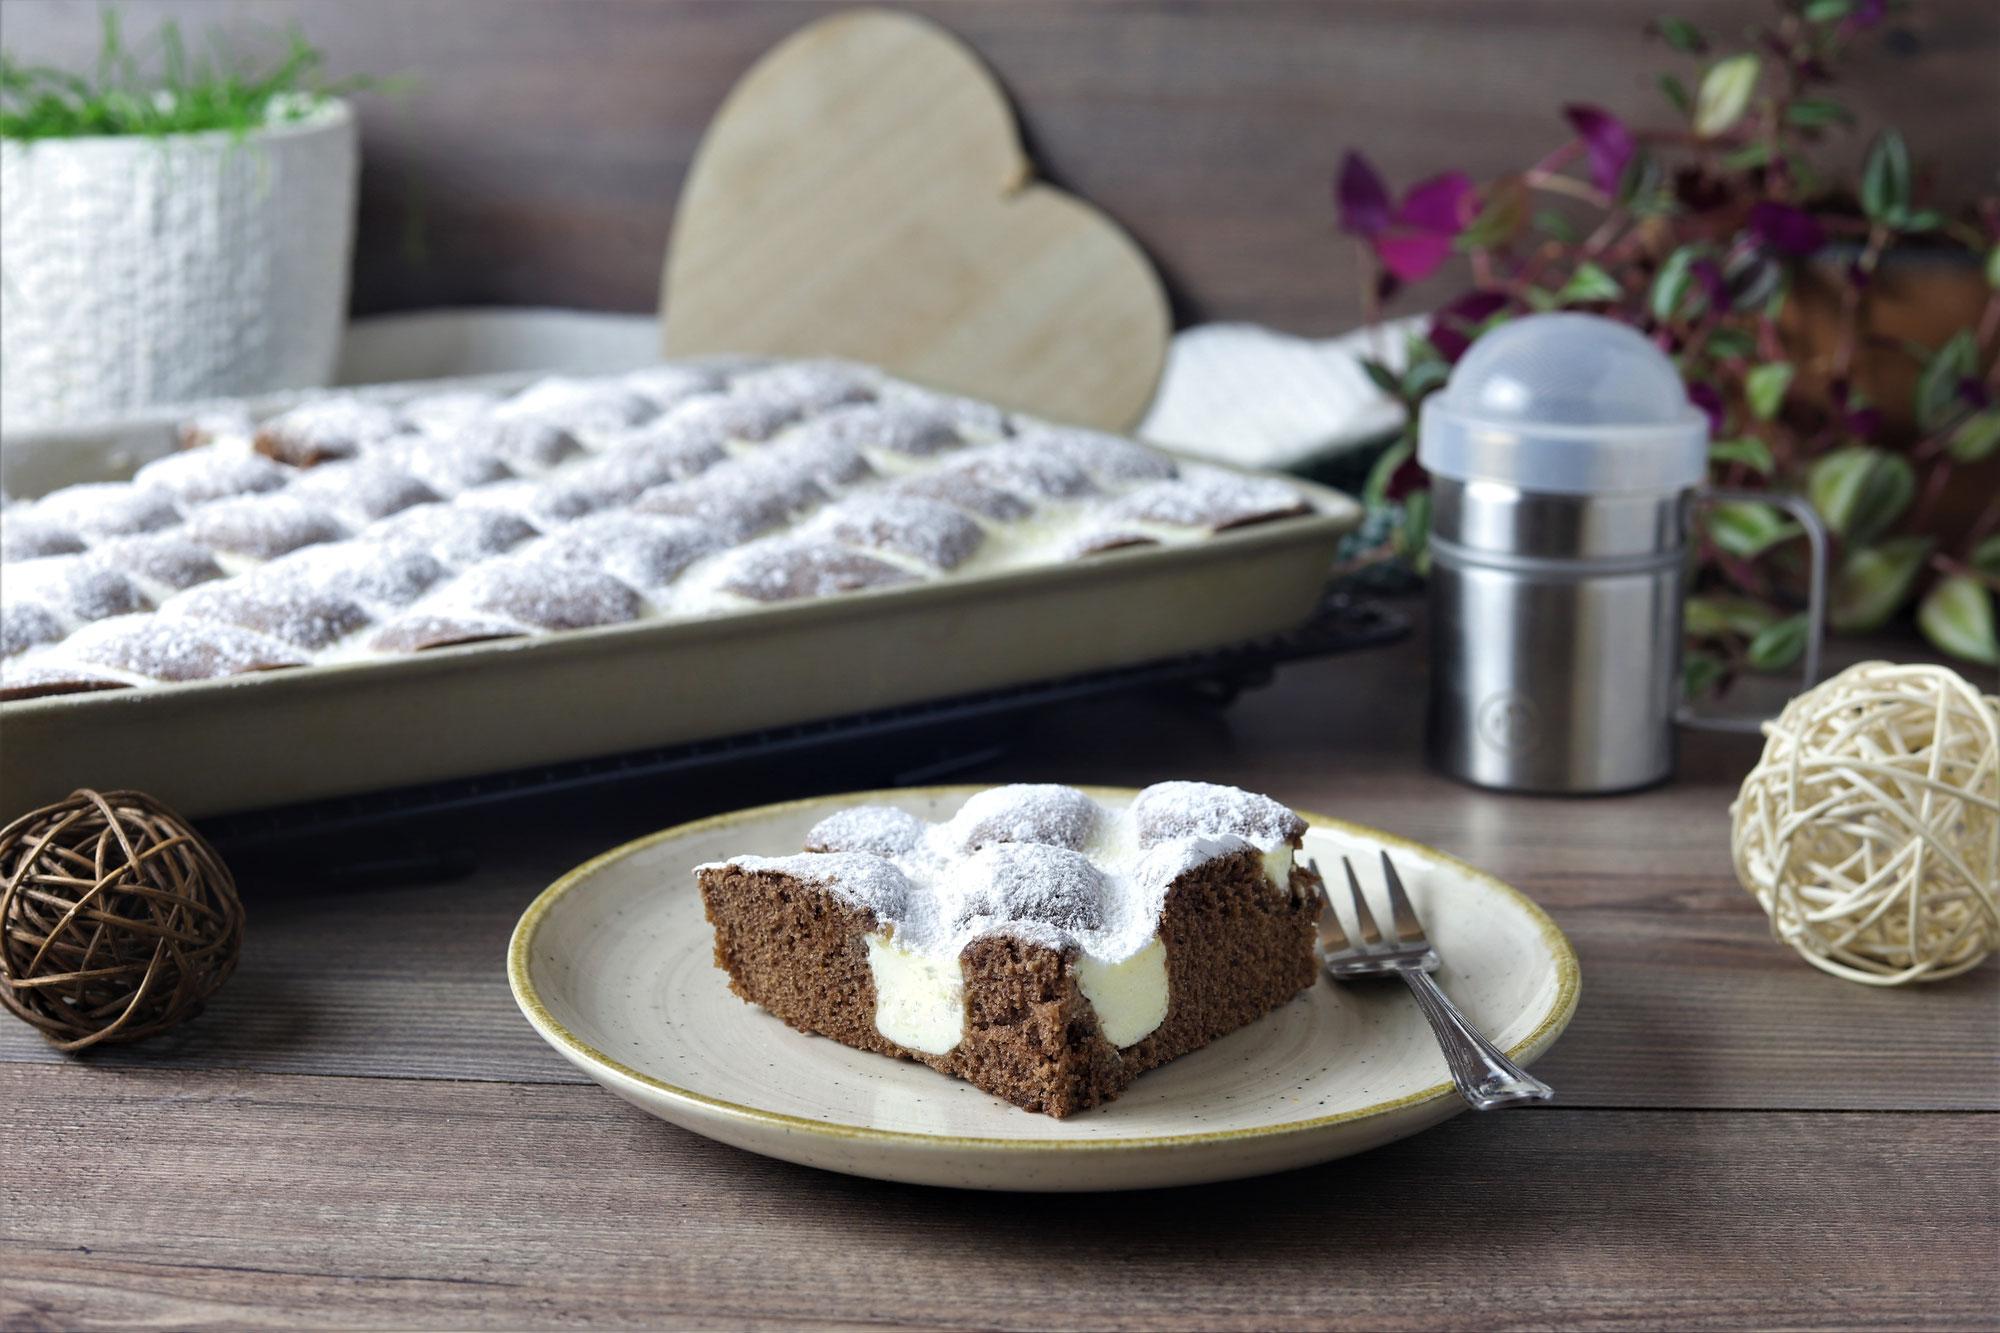 Schoko-Steppdeckenkuchen im großen Ofenzauberer von Pampered Chef®